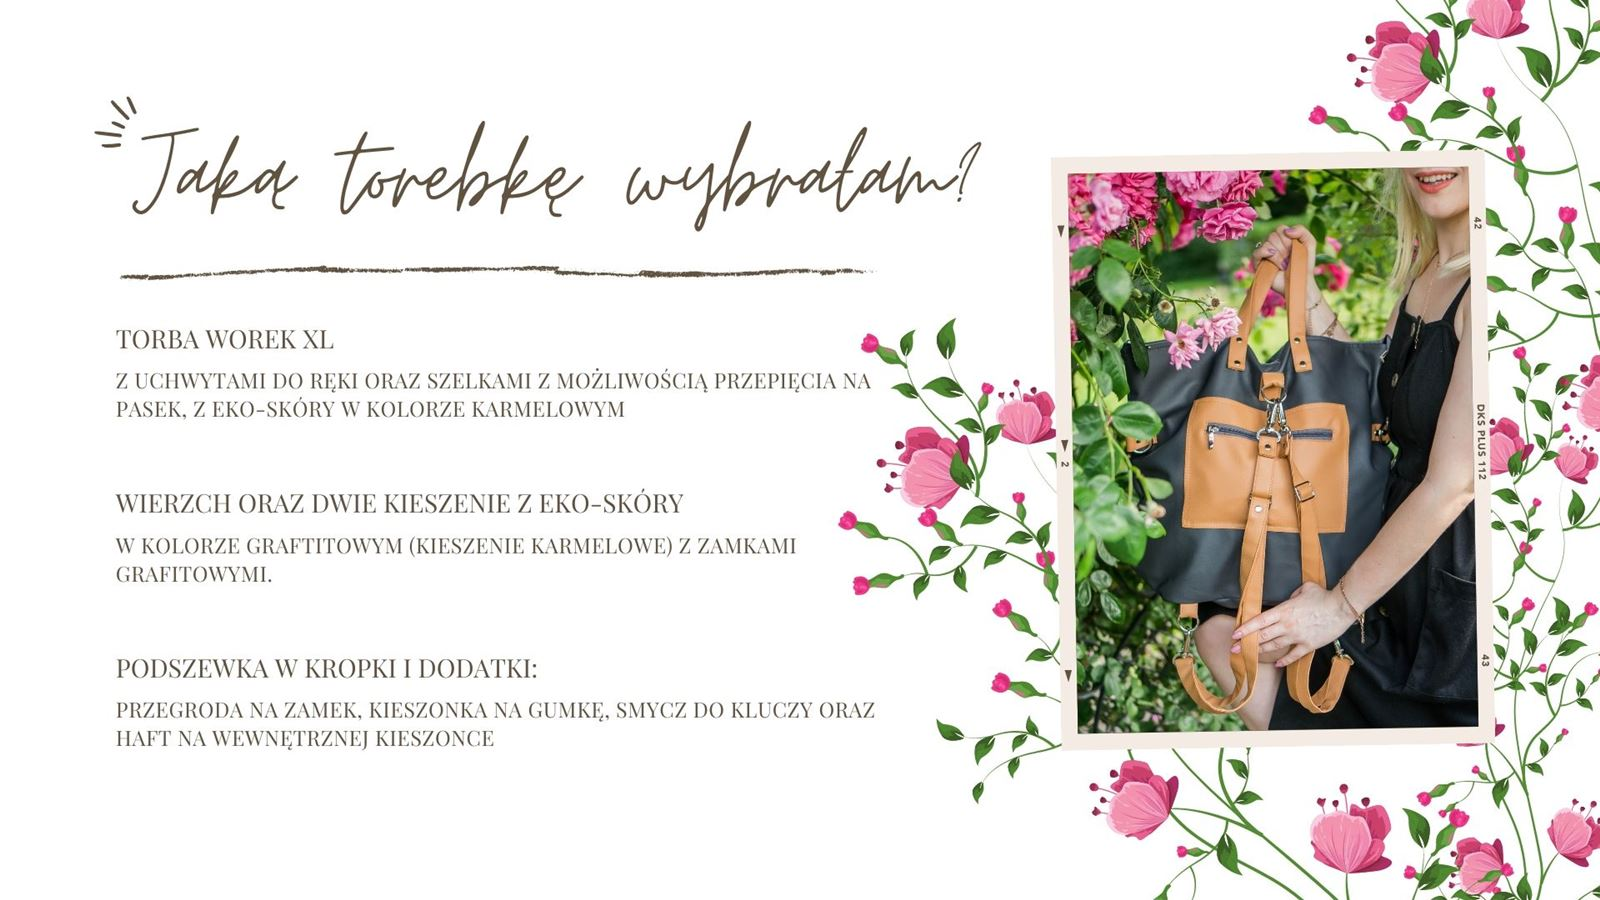 6 Jak zaprojektować własną torebkę. Szycie torebek według swojego projektu. Prezent marzeń - pomysł na niebanalny prezent dla blogerki, dziewczyny, mamy, siostry, koleżanki, przyjaciółki. Torebki polska marka MANA MANA jakośc opinie, gdzie kupić, ile kosztuje